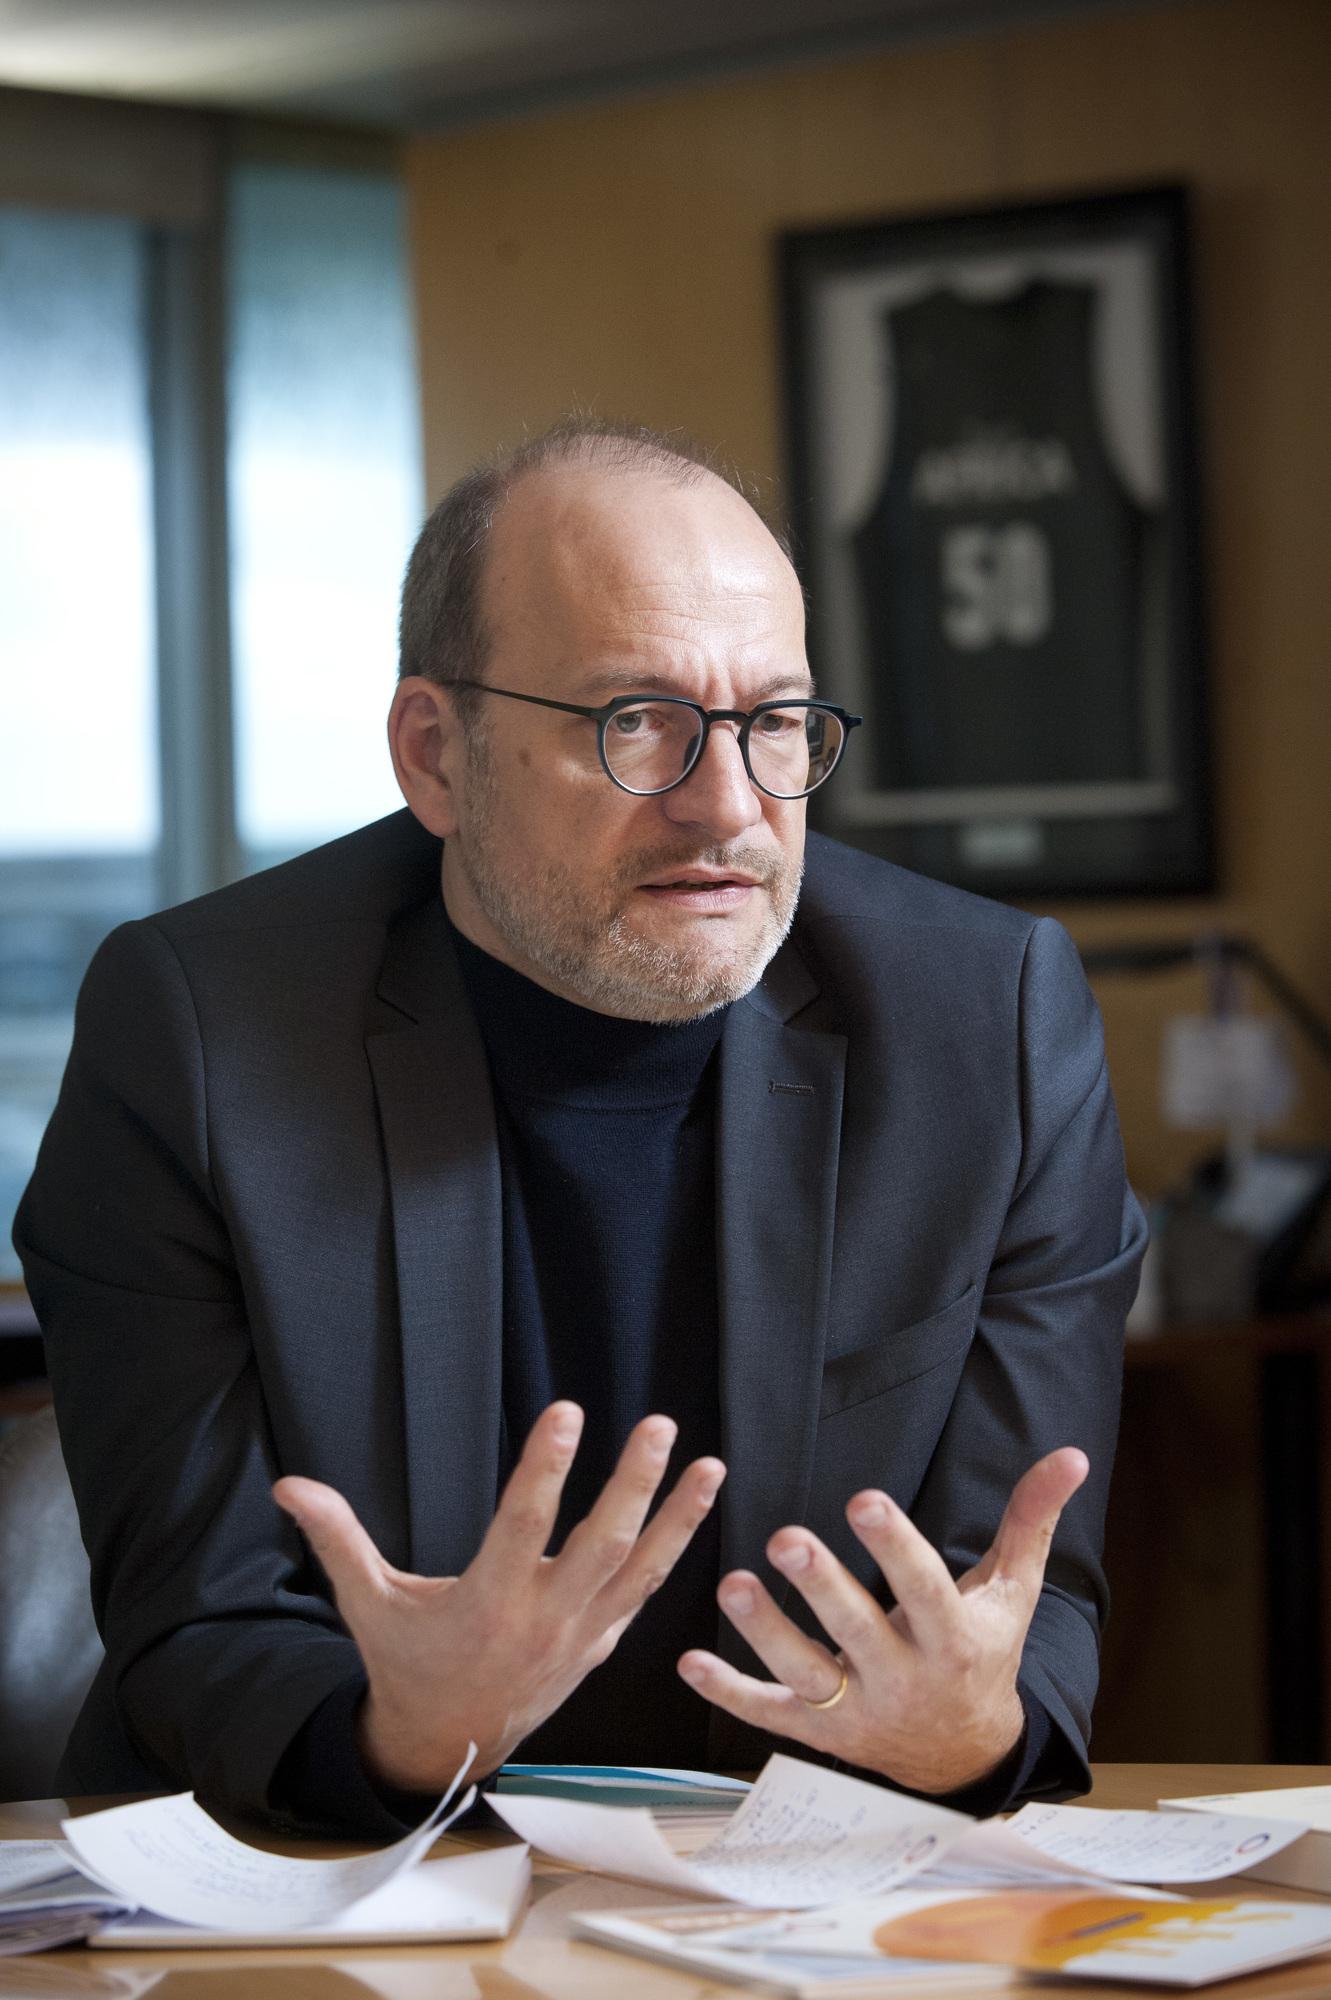 Remy Rioux (France), directeur general de l'Agence française de developpement (AFD), dans son bureau a Paris, le 15.01.2020. Vincent Fournier/JA